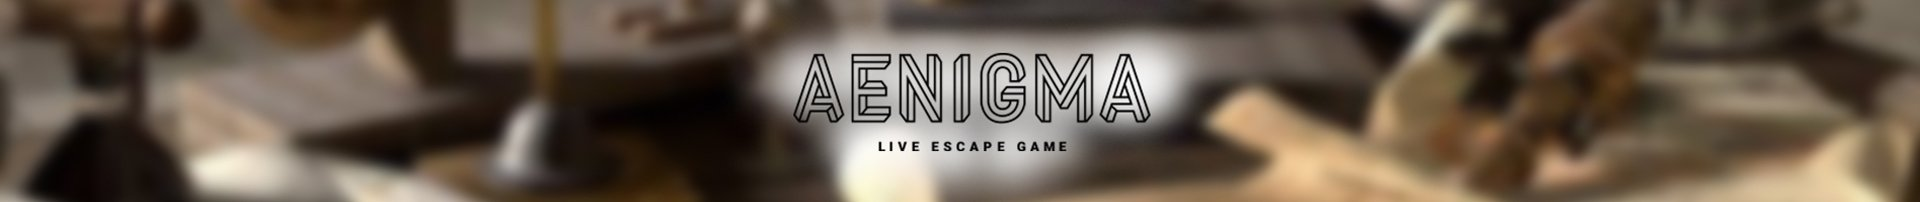 aenigma escape.jpg